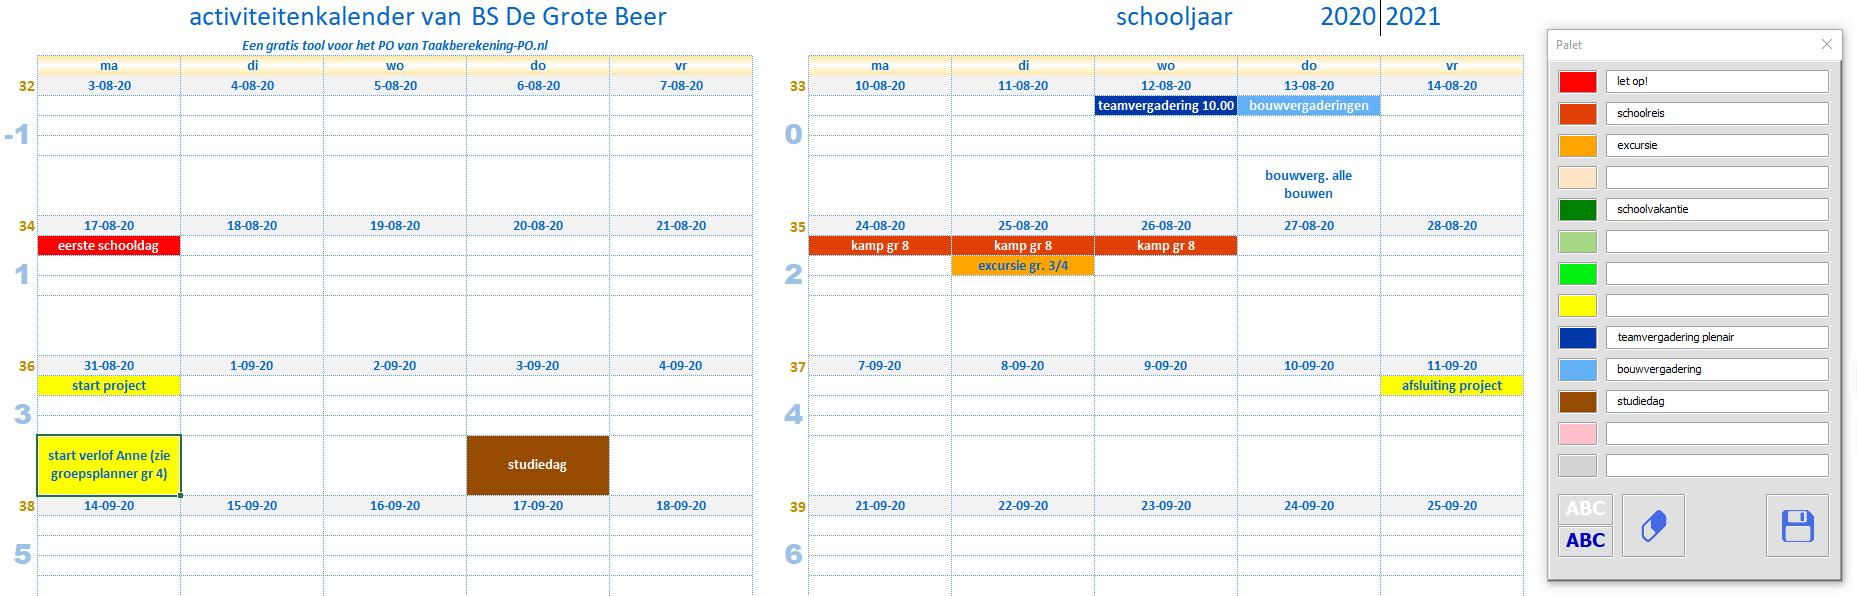 activiteitenkalender2